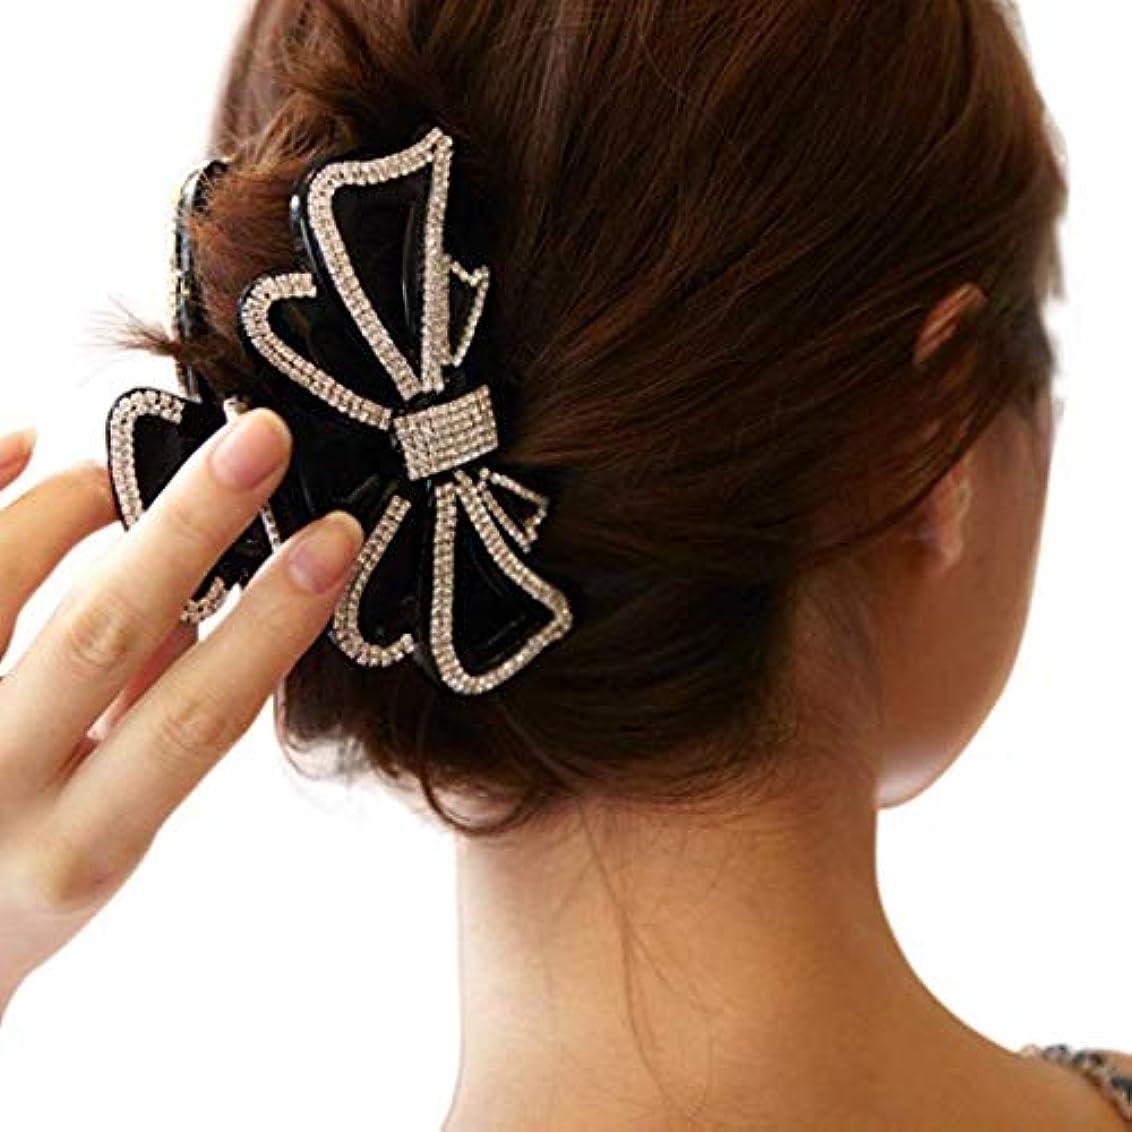 患者有彩色の引退した1 ヘアクリップ ガールズ髪留めレディース ヘアアクセサリー リボン 人気 バレンタインデー 手芸